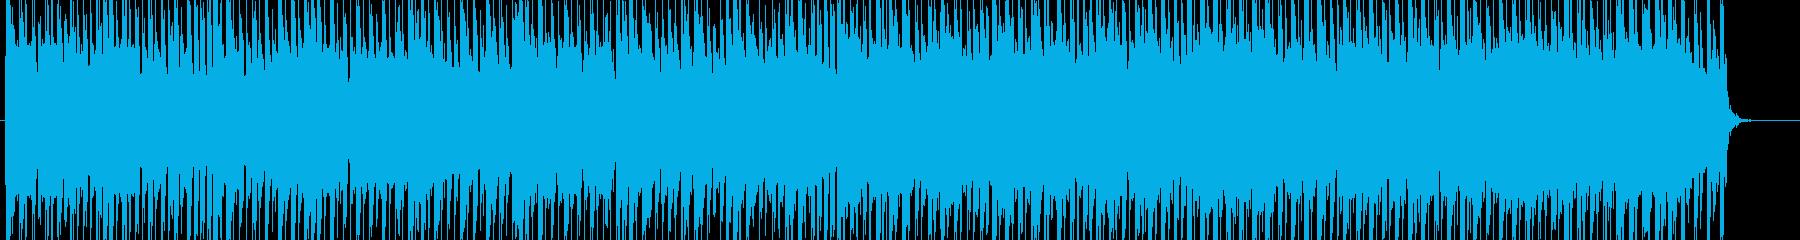 シューティング・パズル向けのテクノポップの再生済みの波形